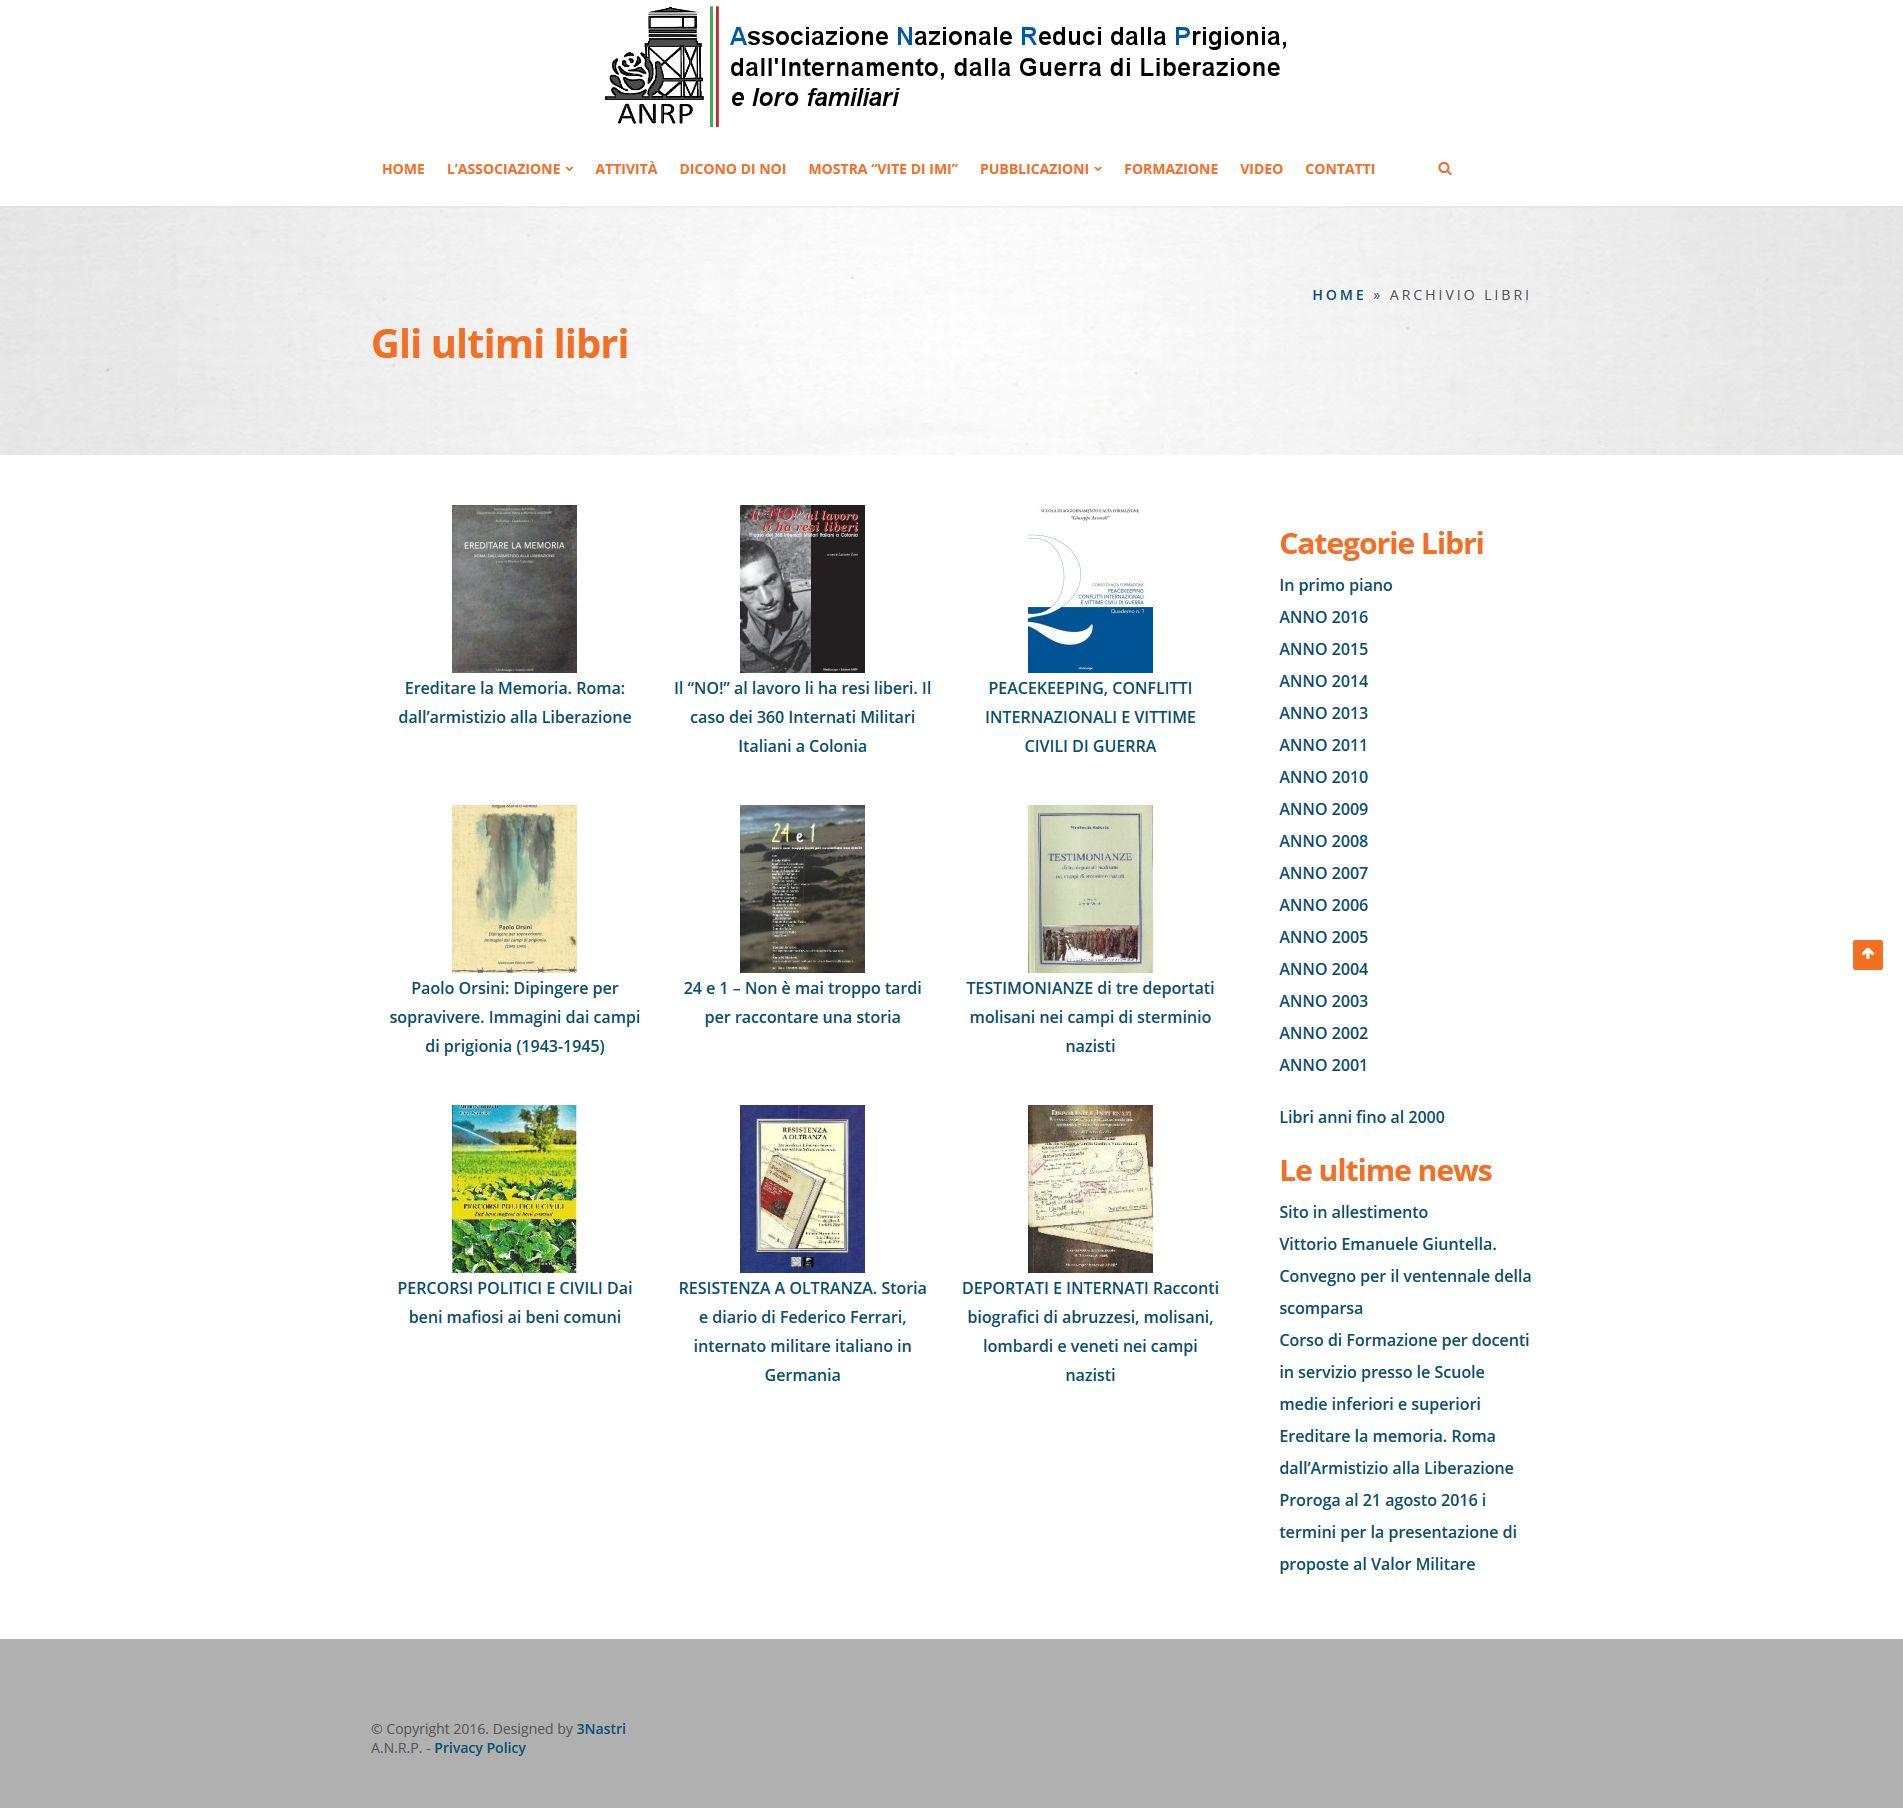 anrp-archivio-libri